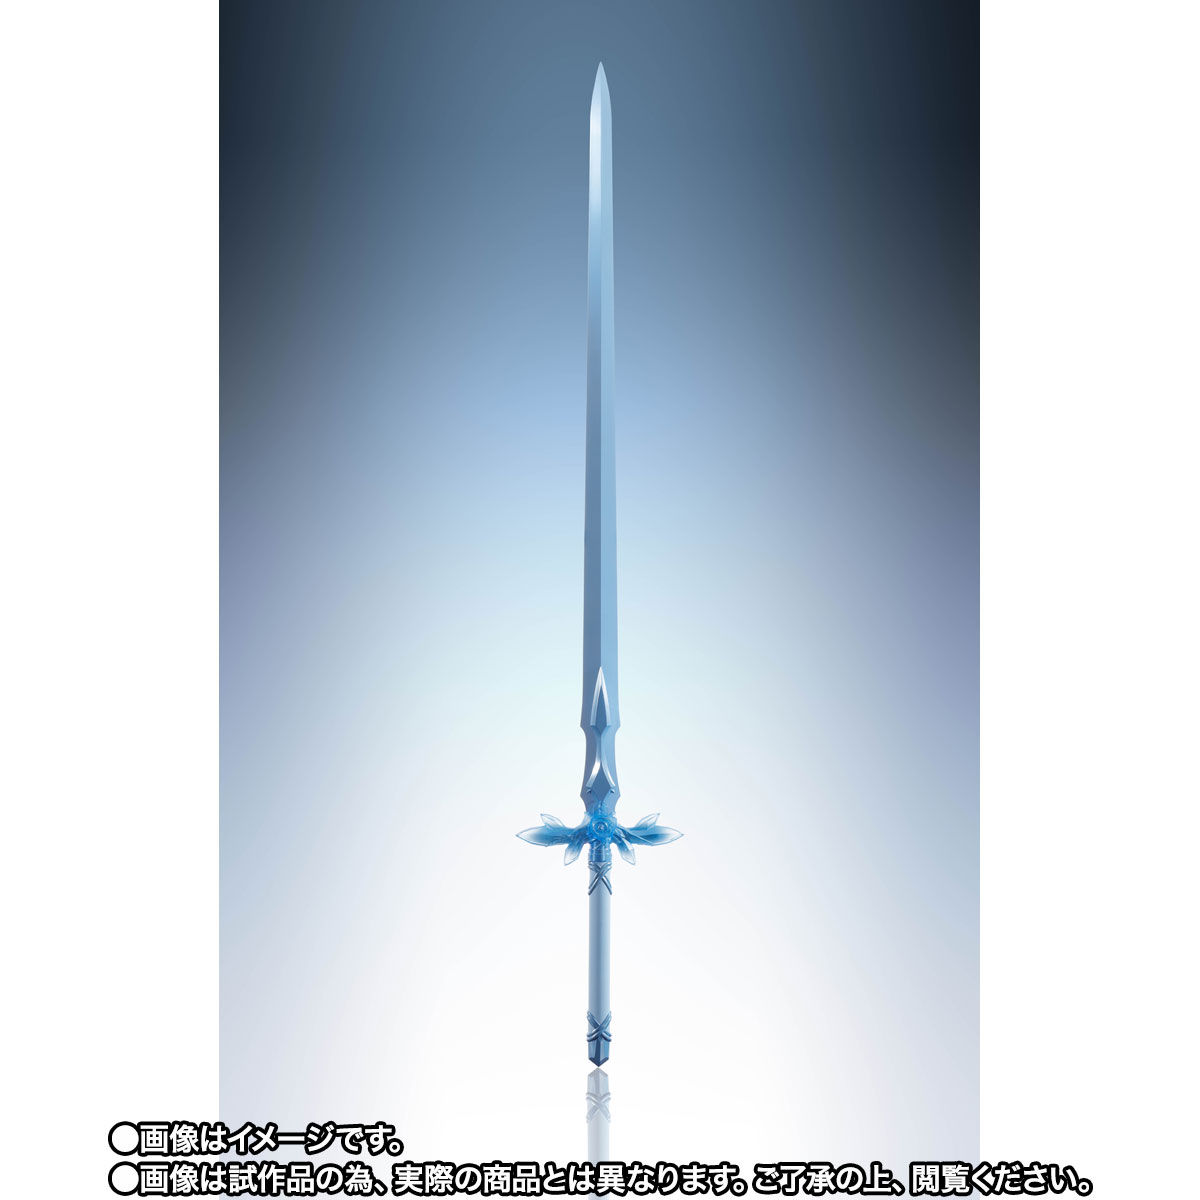 【限定販売】PROPLICA プロップリカ『青薔薇の剣』ソードアート・オンライン 変身なりきり-002